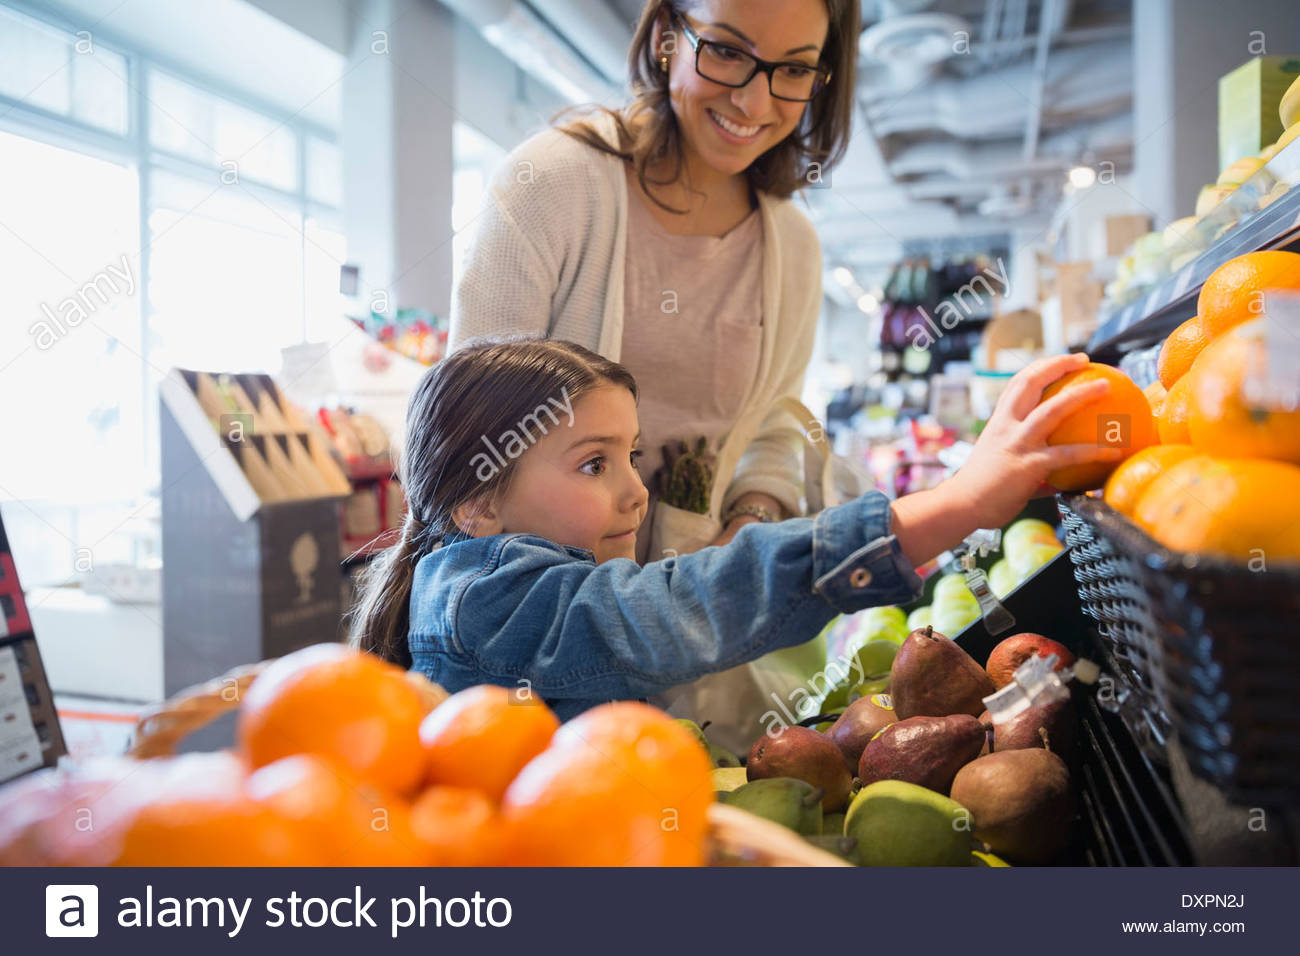 Mère fille regardant pour atteindre le marché en orange Banque D'Images